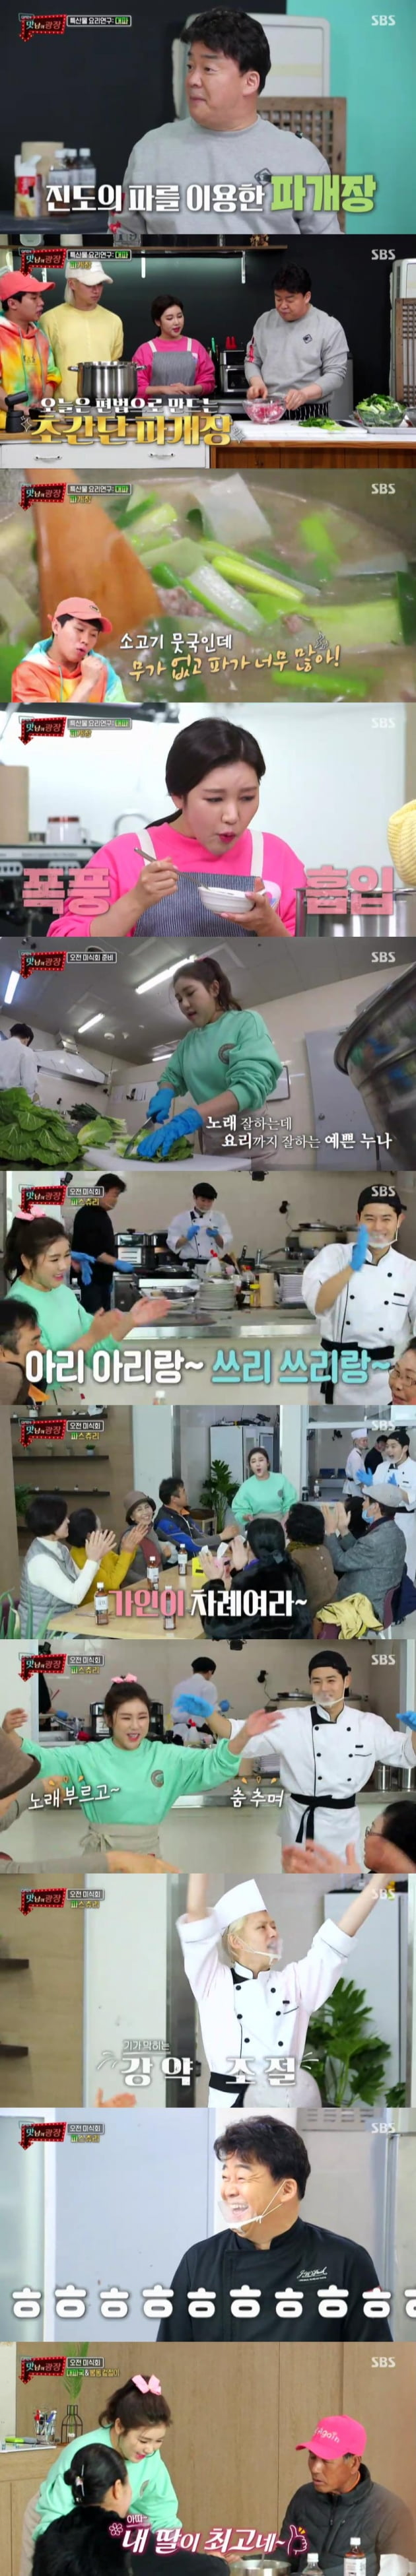 지난 26일 방송된 '맛남의 광장'/ 사진제공=SBS